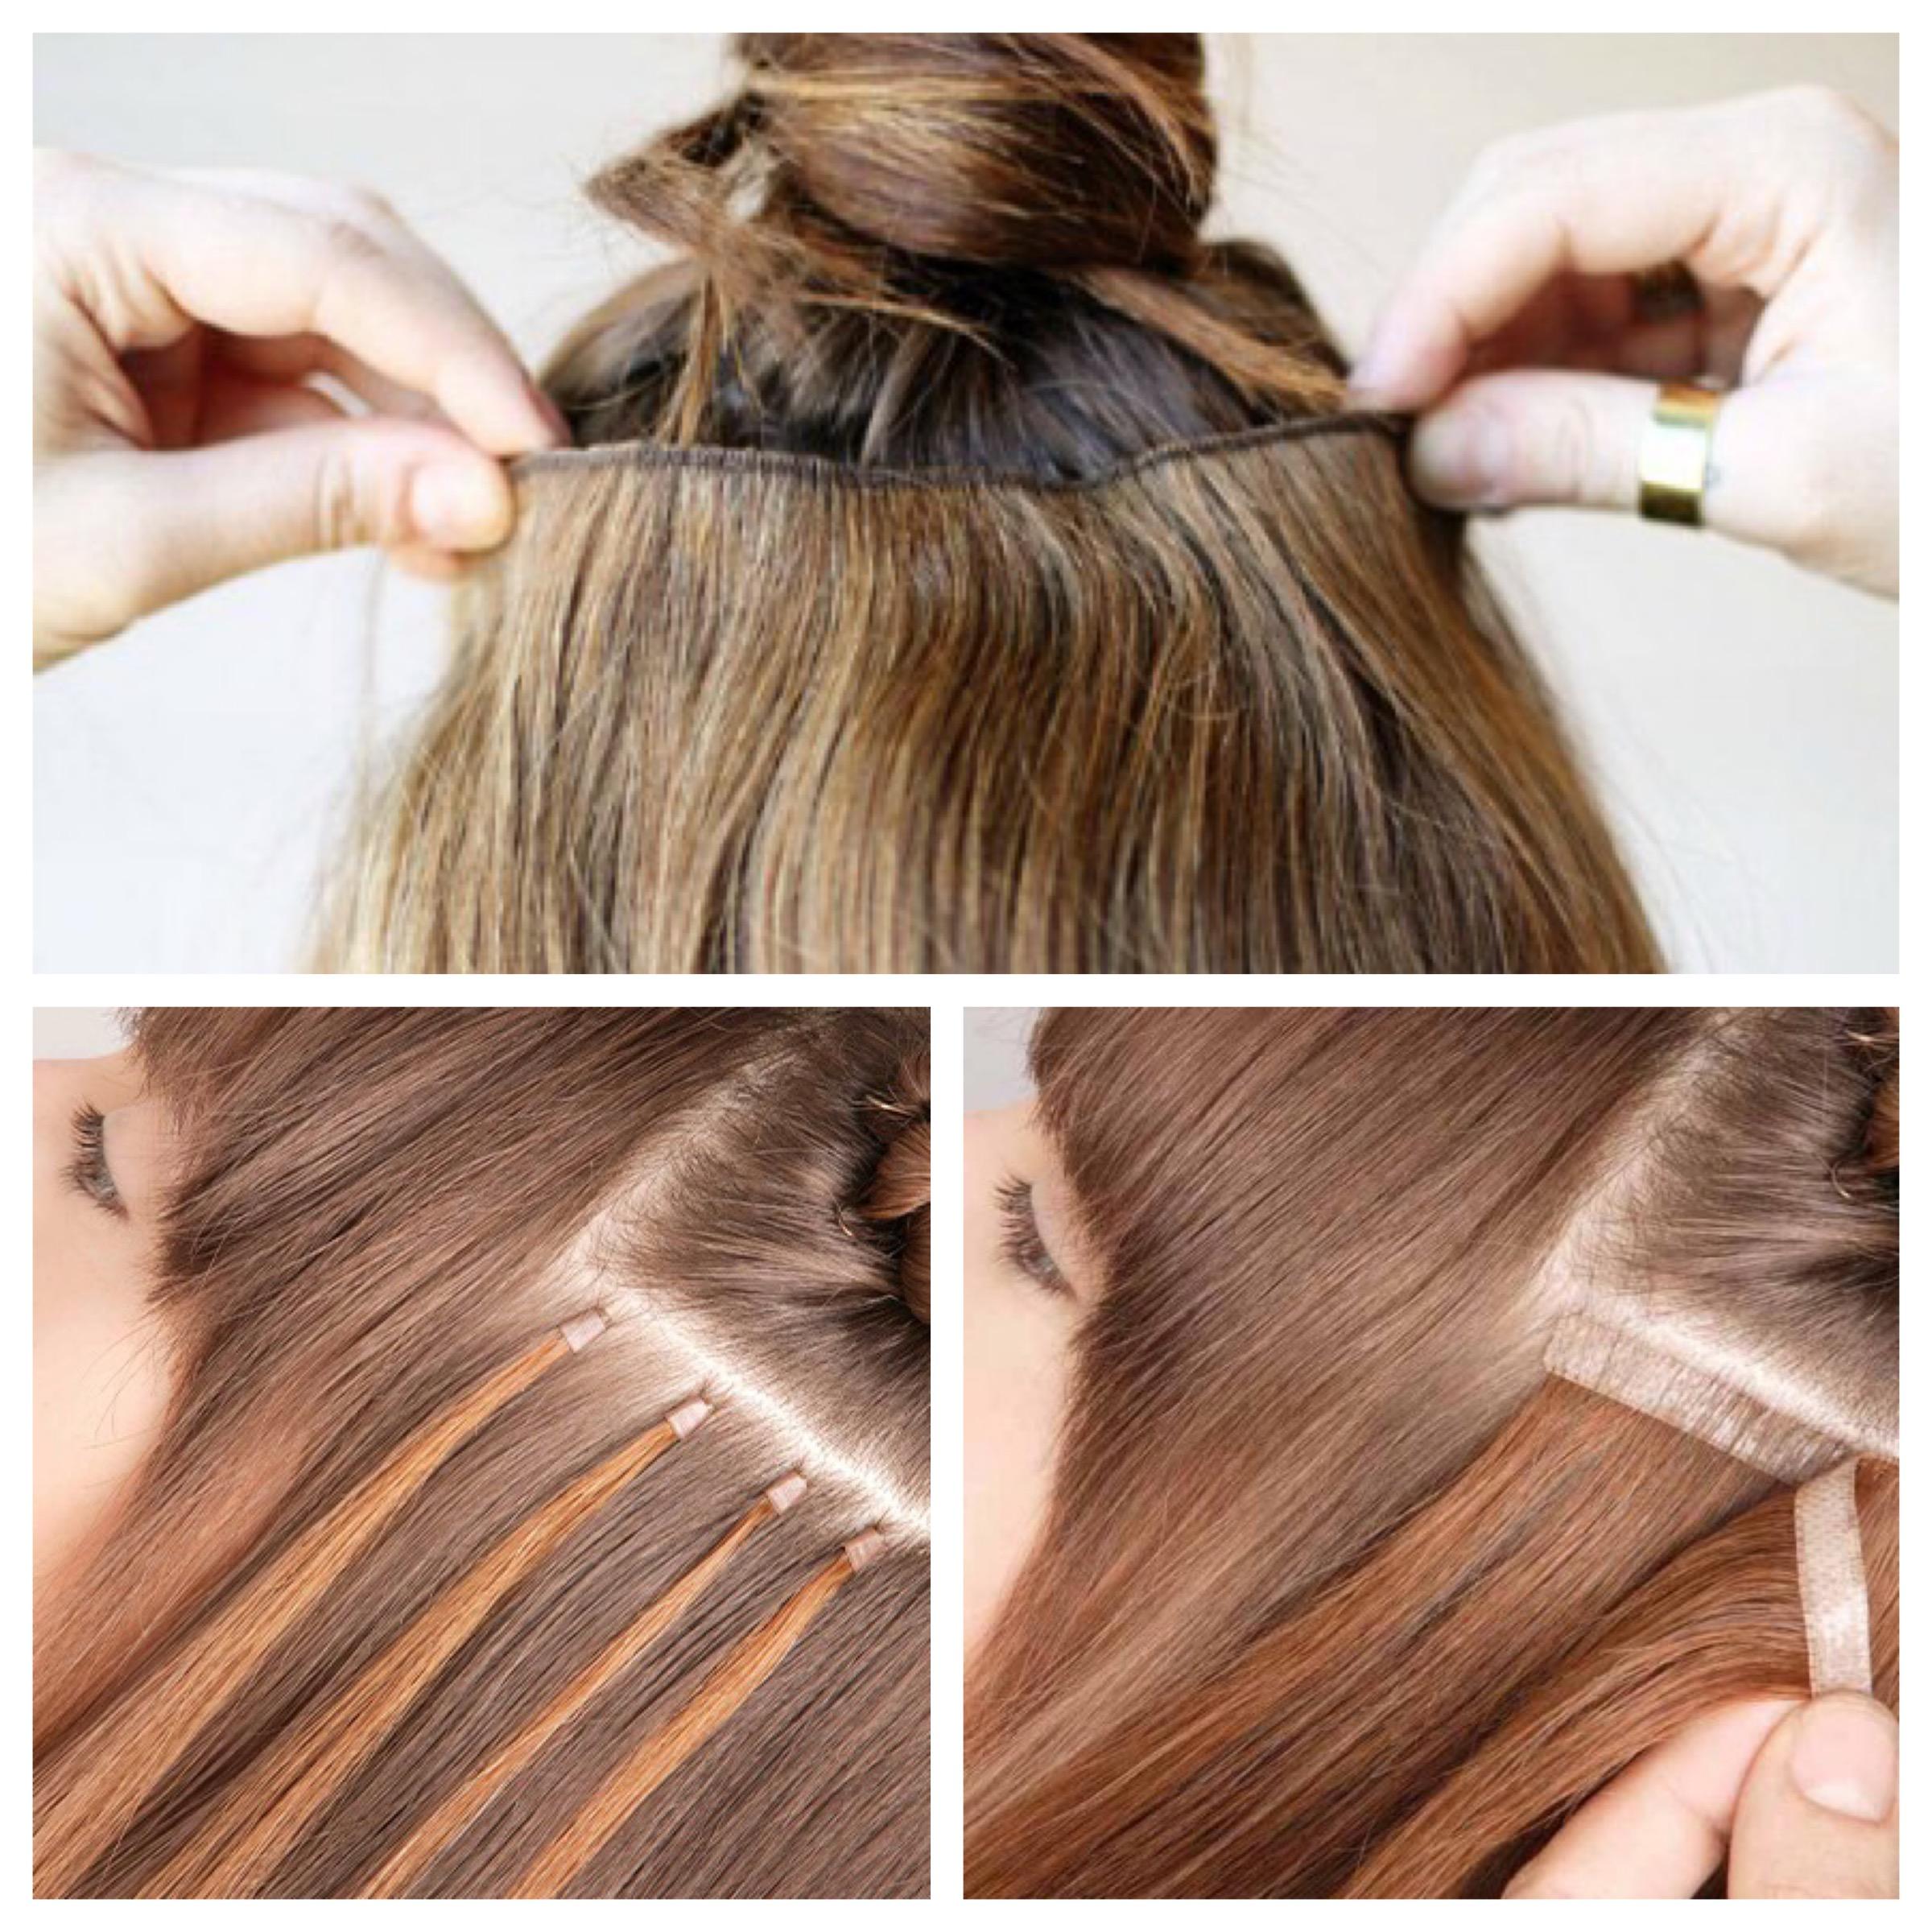 b382e8542 Alongamento para cabelo: saiba tudo sobre os 3 tipos mais populares ...